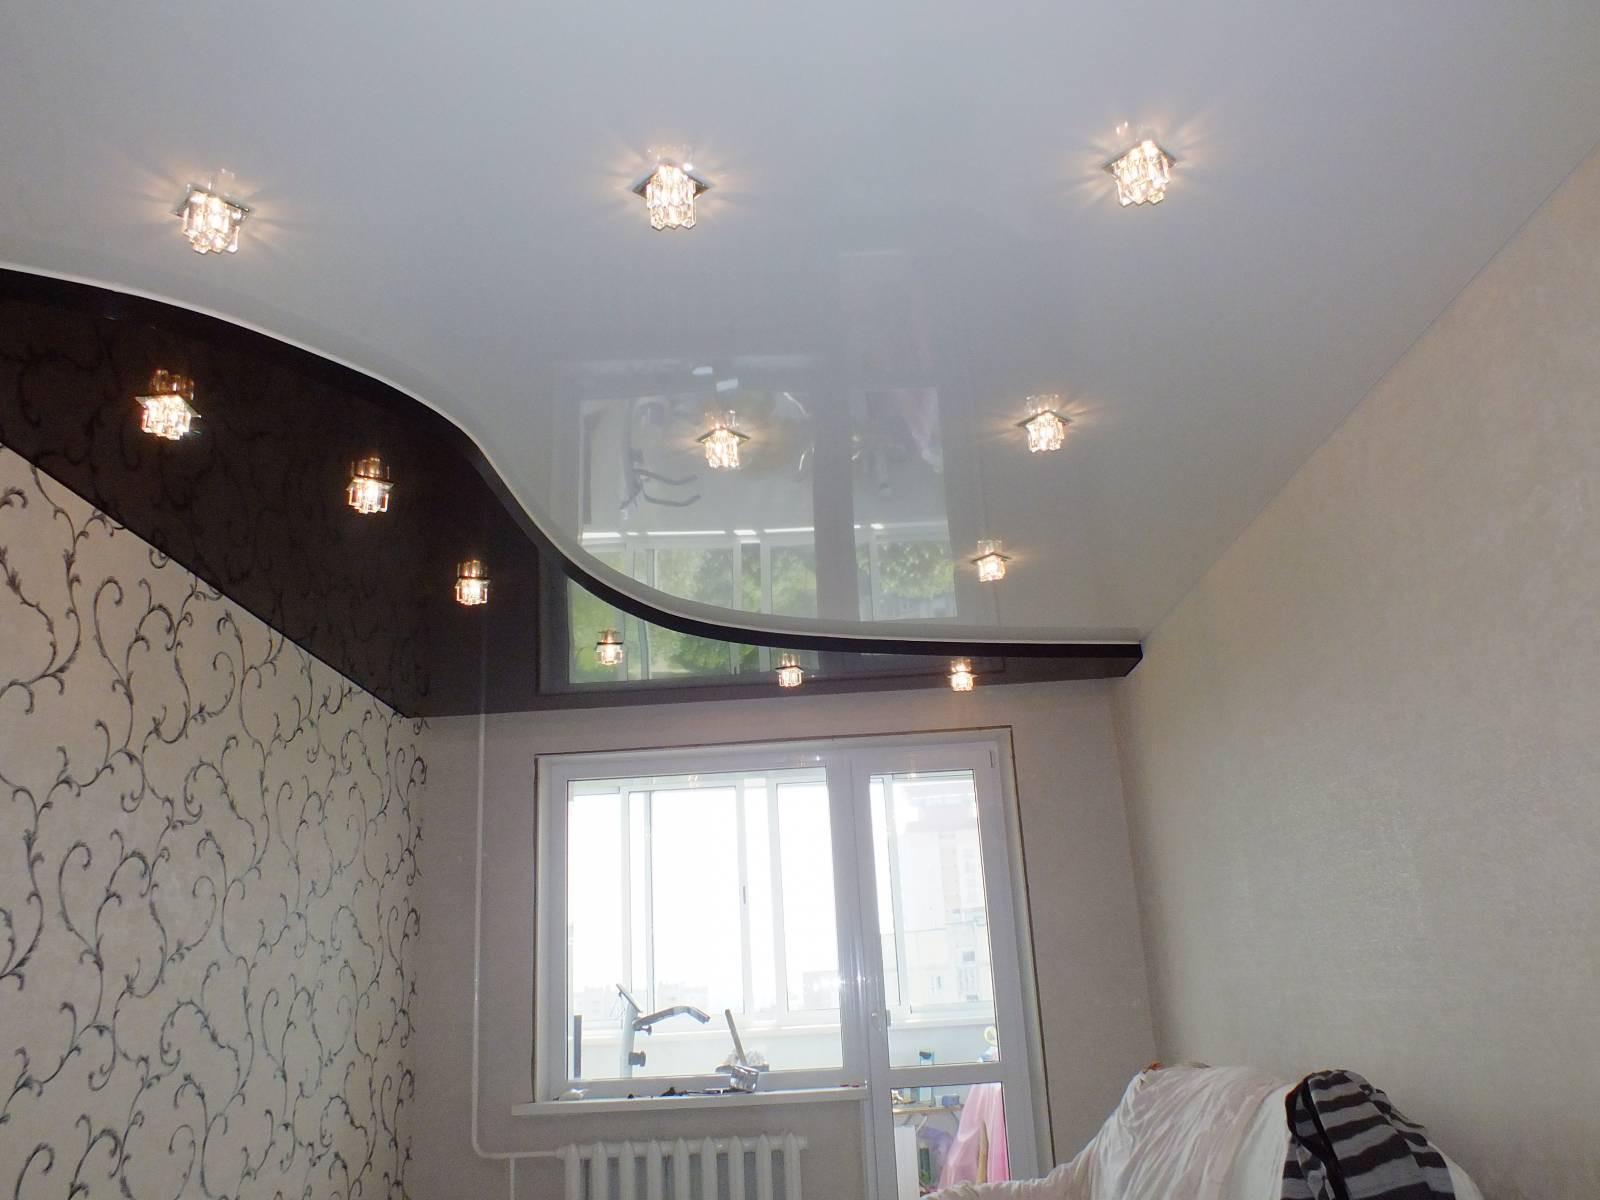 натяжные потолки двух цветов для спальни фото неотапливаемые пристройки подвергаются